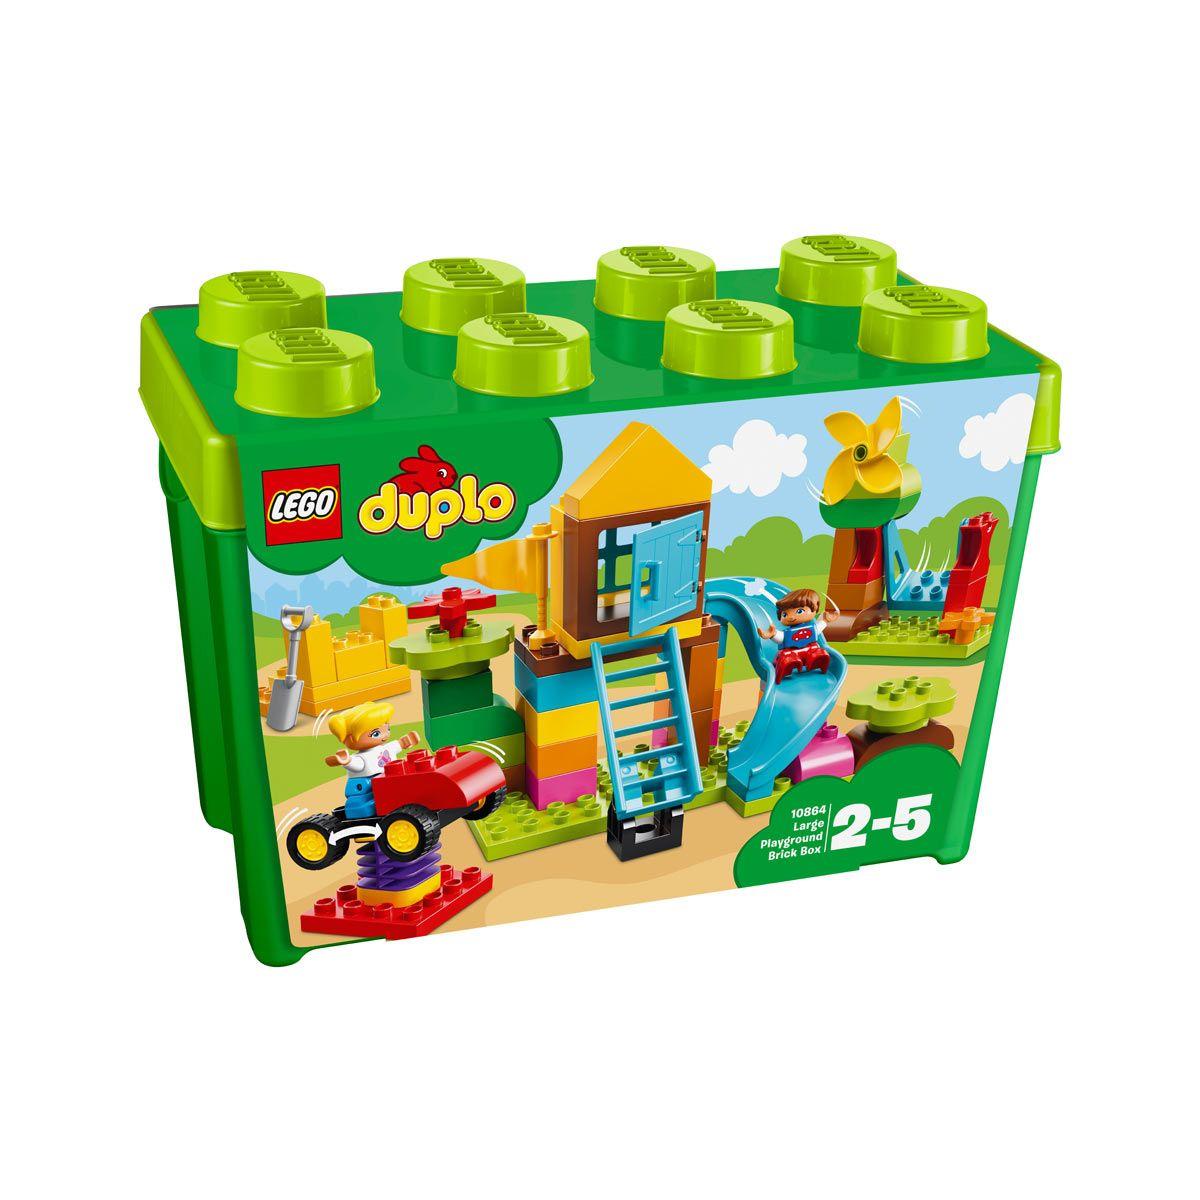 10864 La grande boîte de la cour de récréation Duplo Lego pour enfant de 2 ans à 5 ans - Oxybul ...